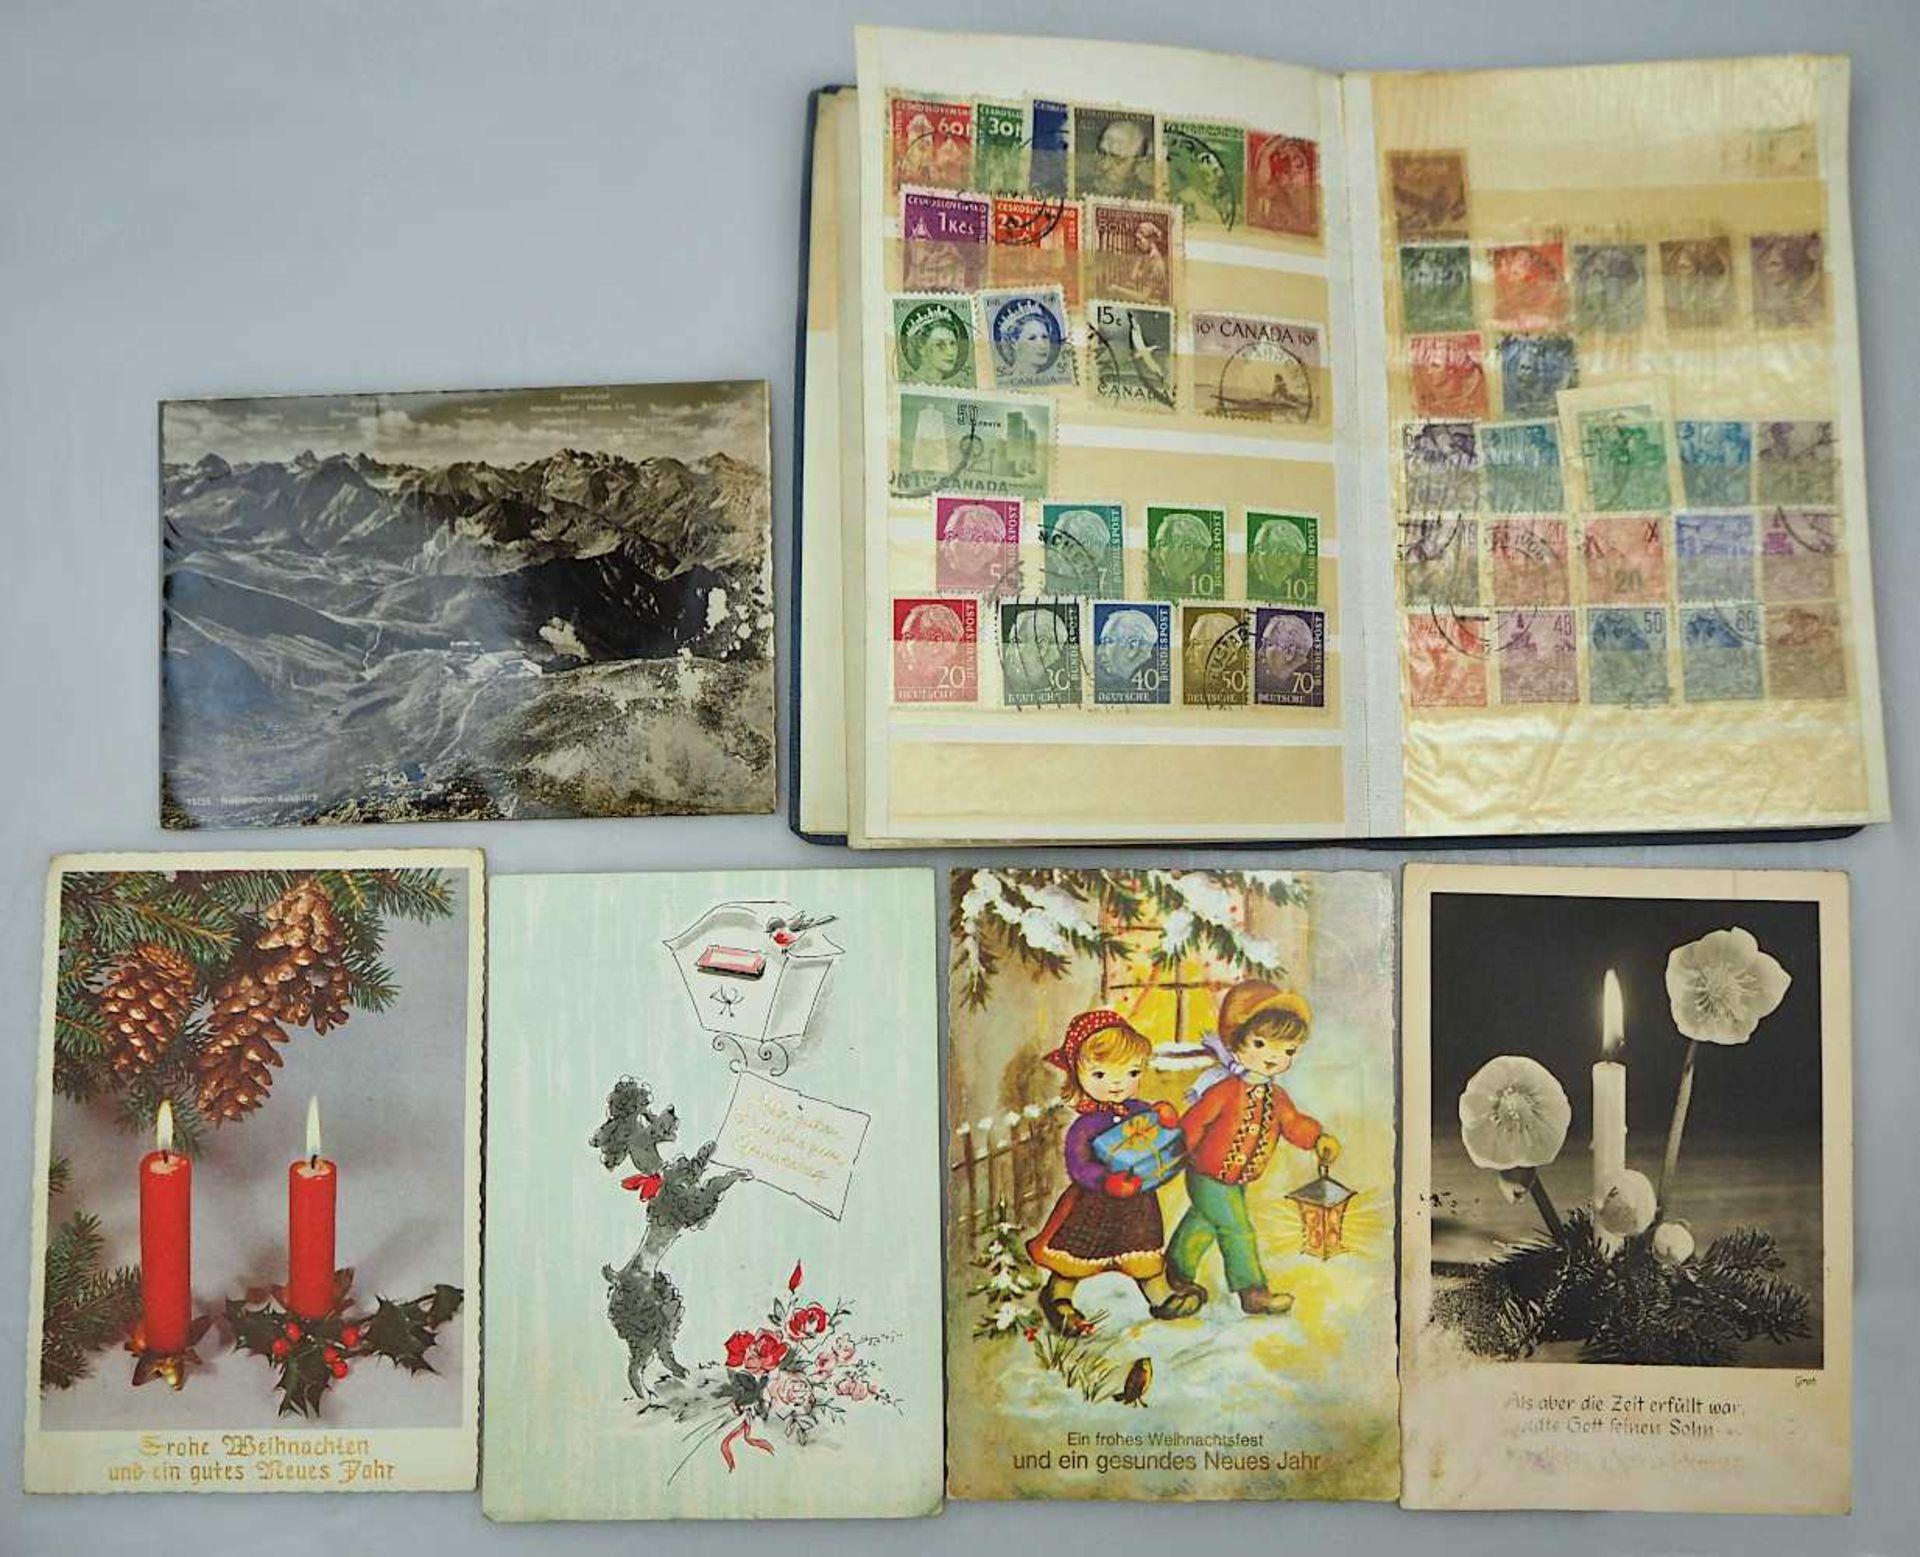 1 Konv. Briefmarken, BRD, DDR, Alle Welt z.T. in Album/ auf Briefumschlägen/lose sowi